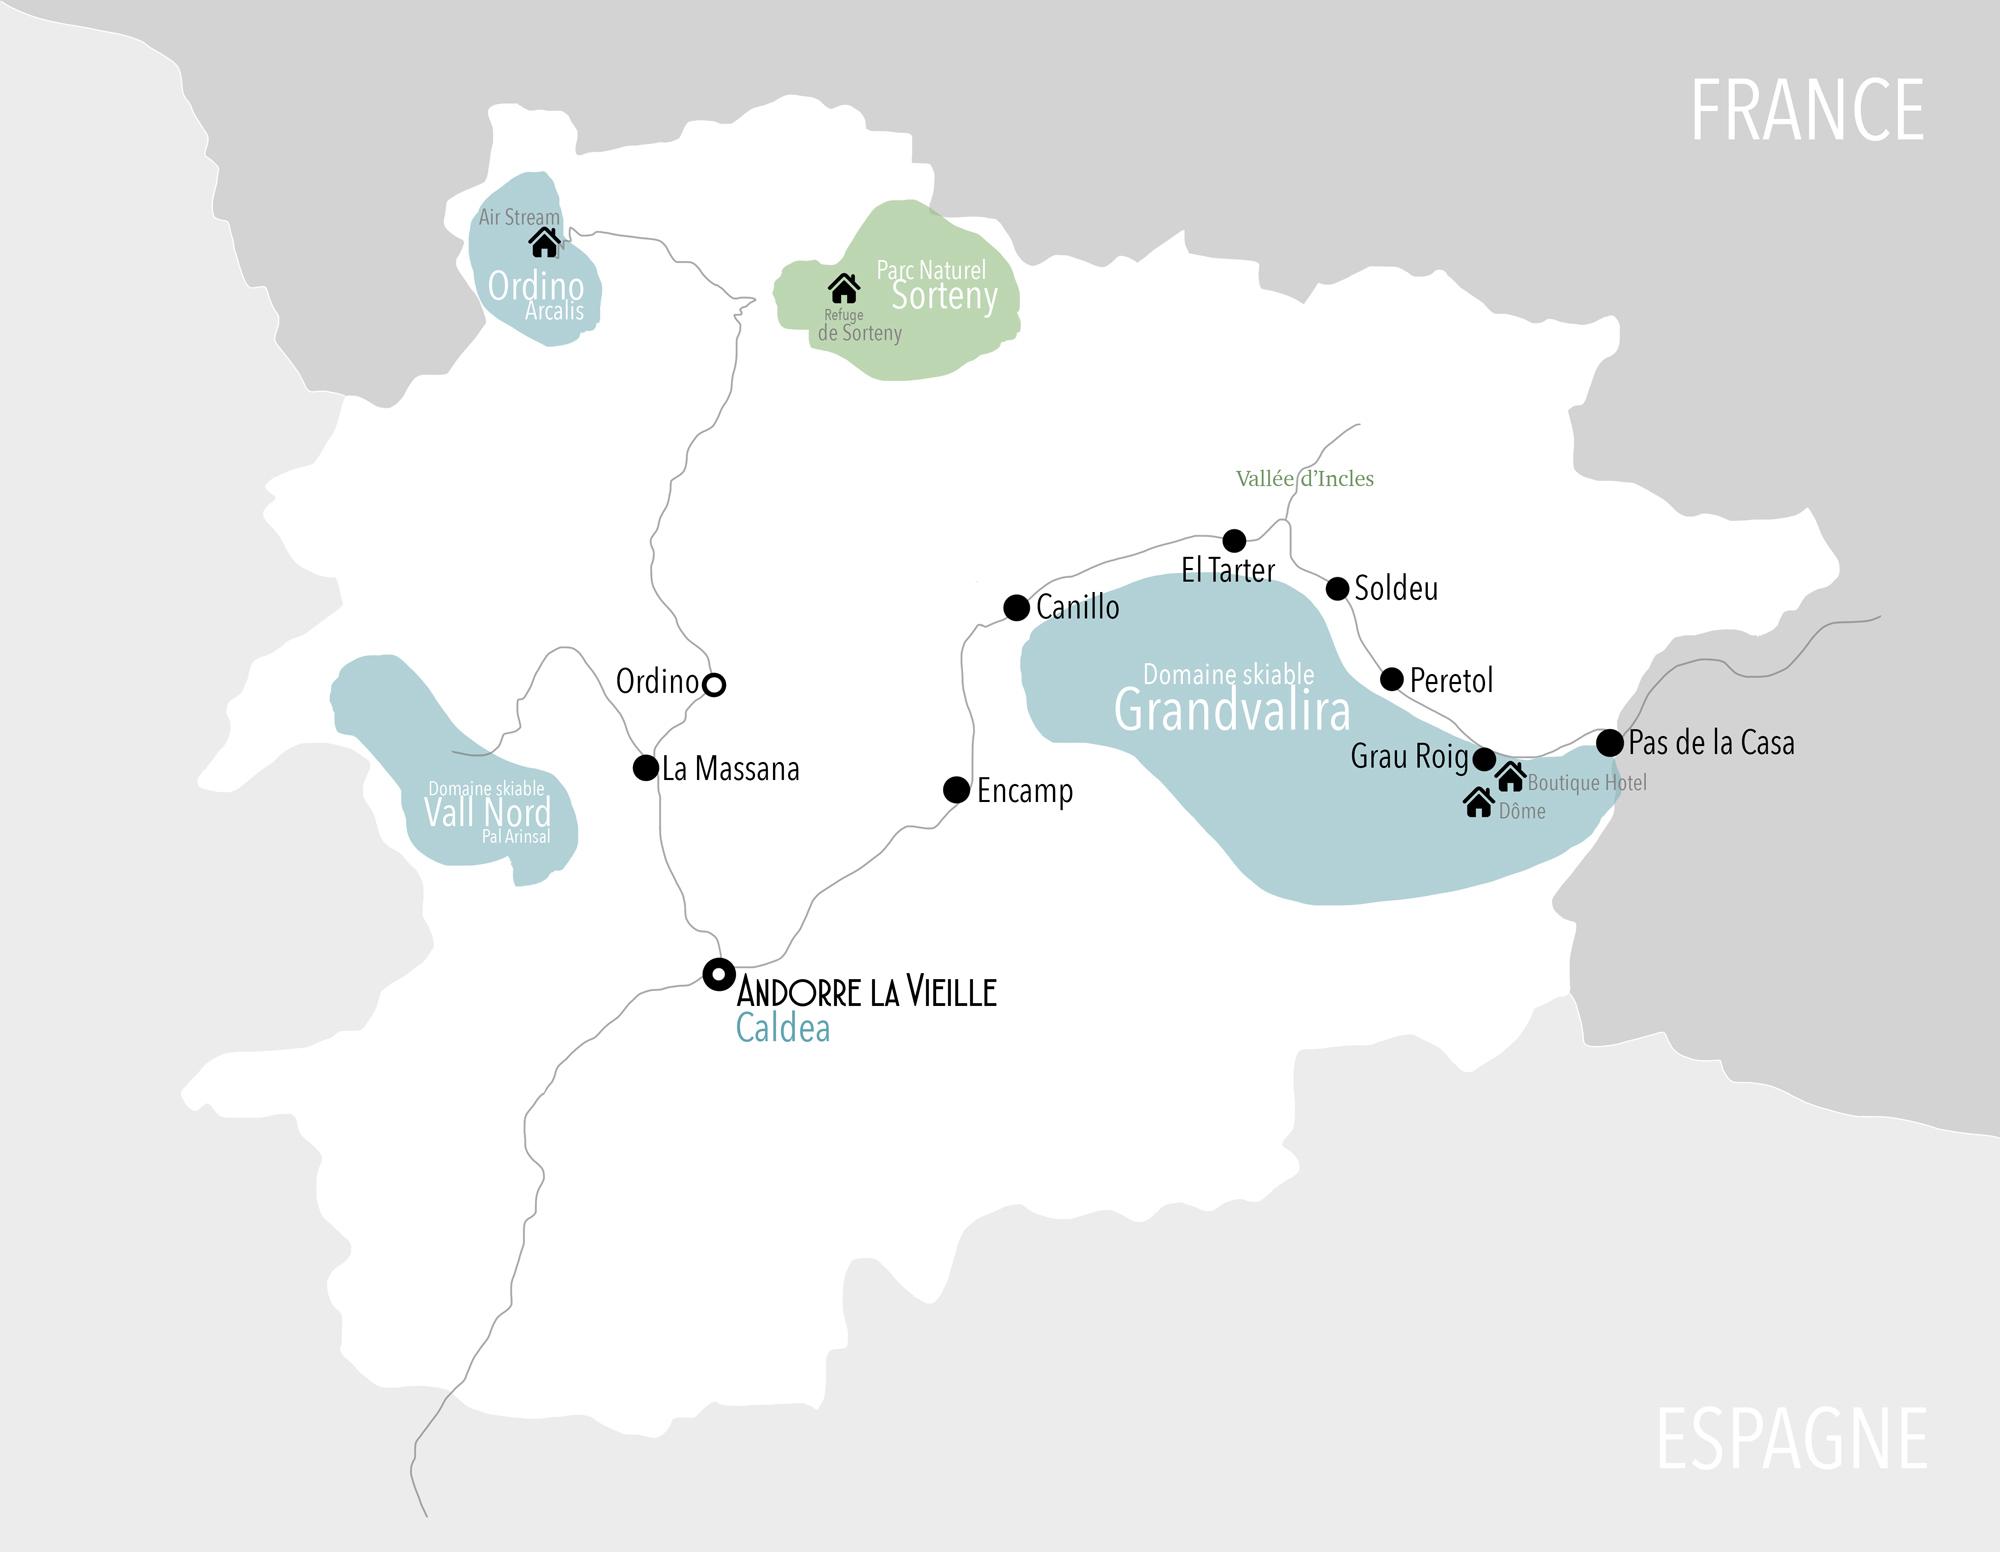 Andorre carte by Bestjobers